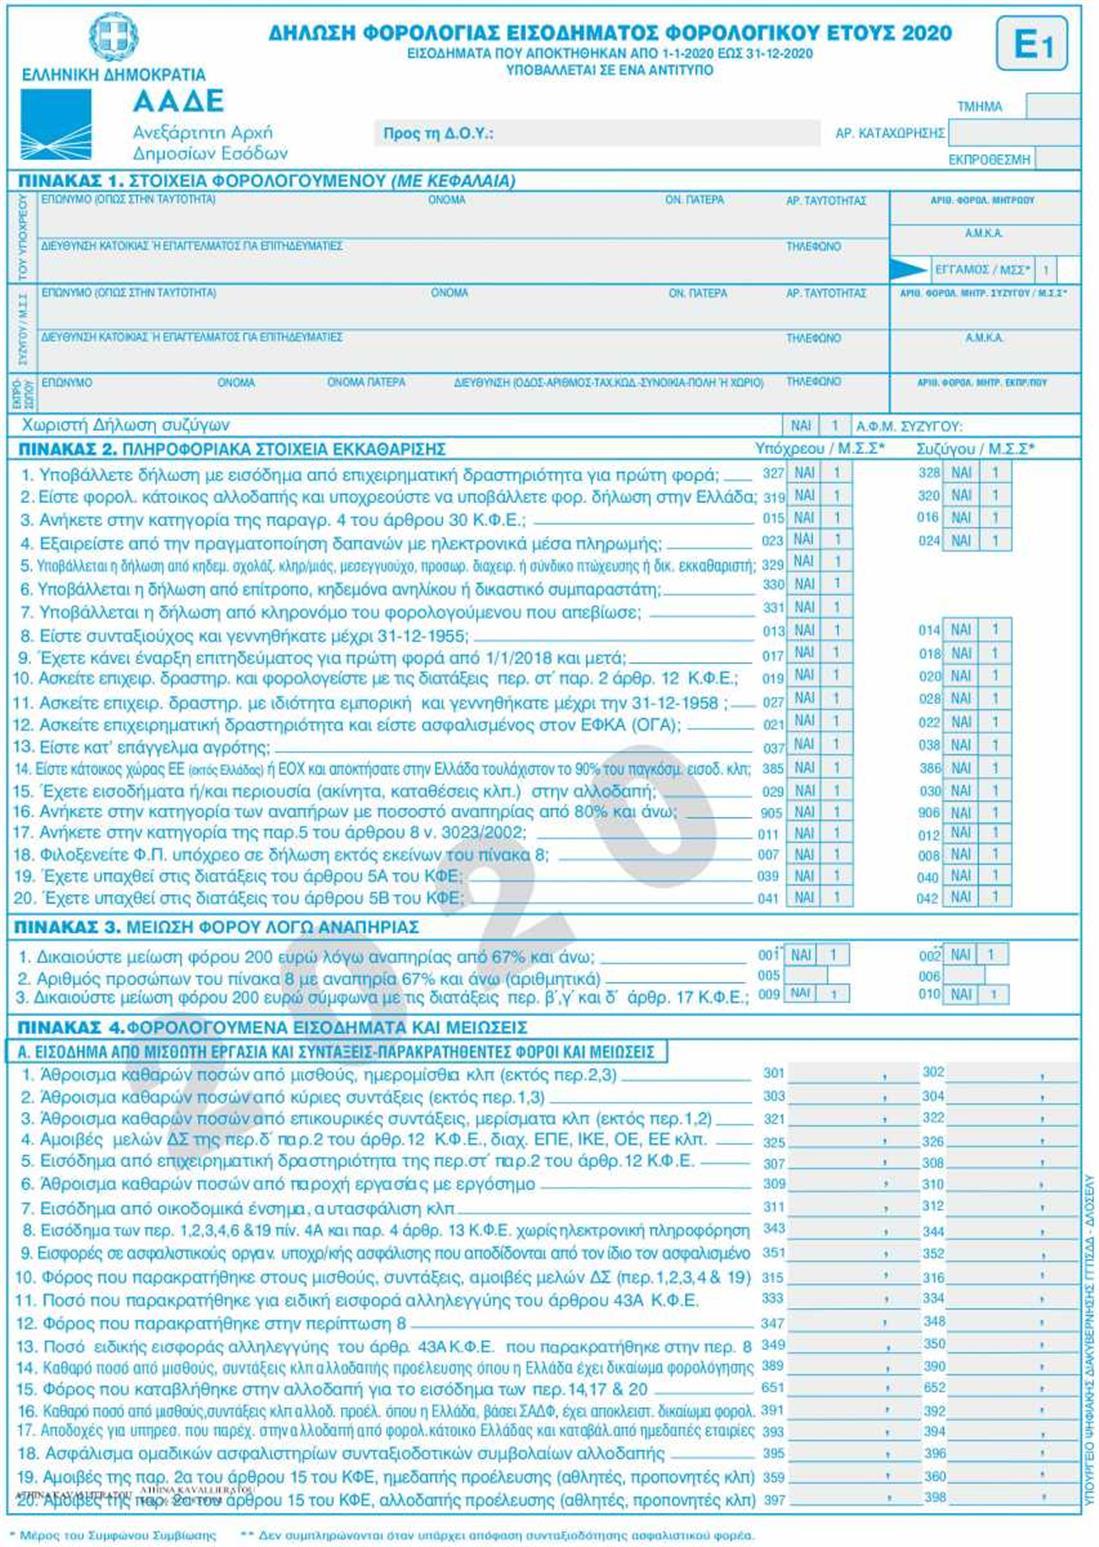 Φορολογικές δηλώσεις 2021 - Ε1 - σελ1